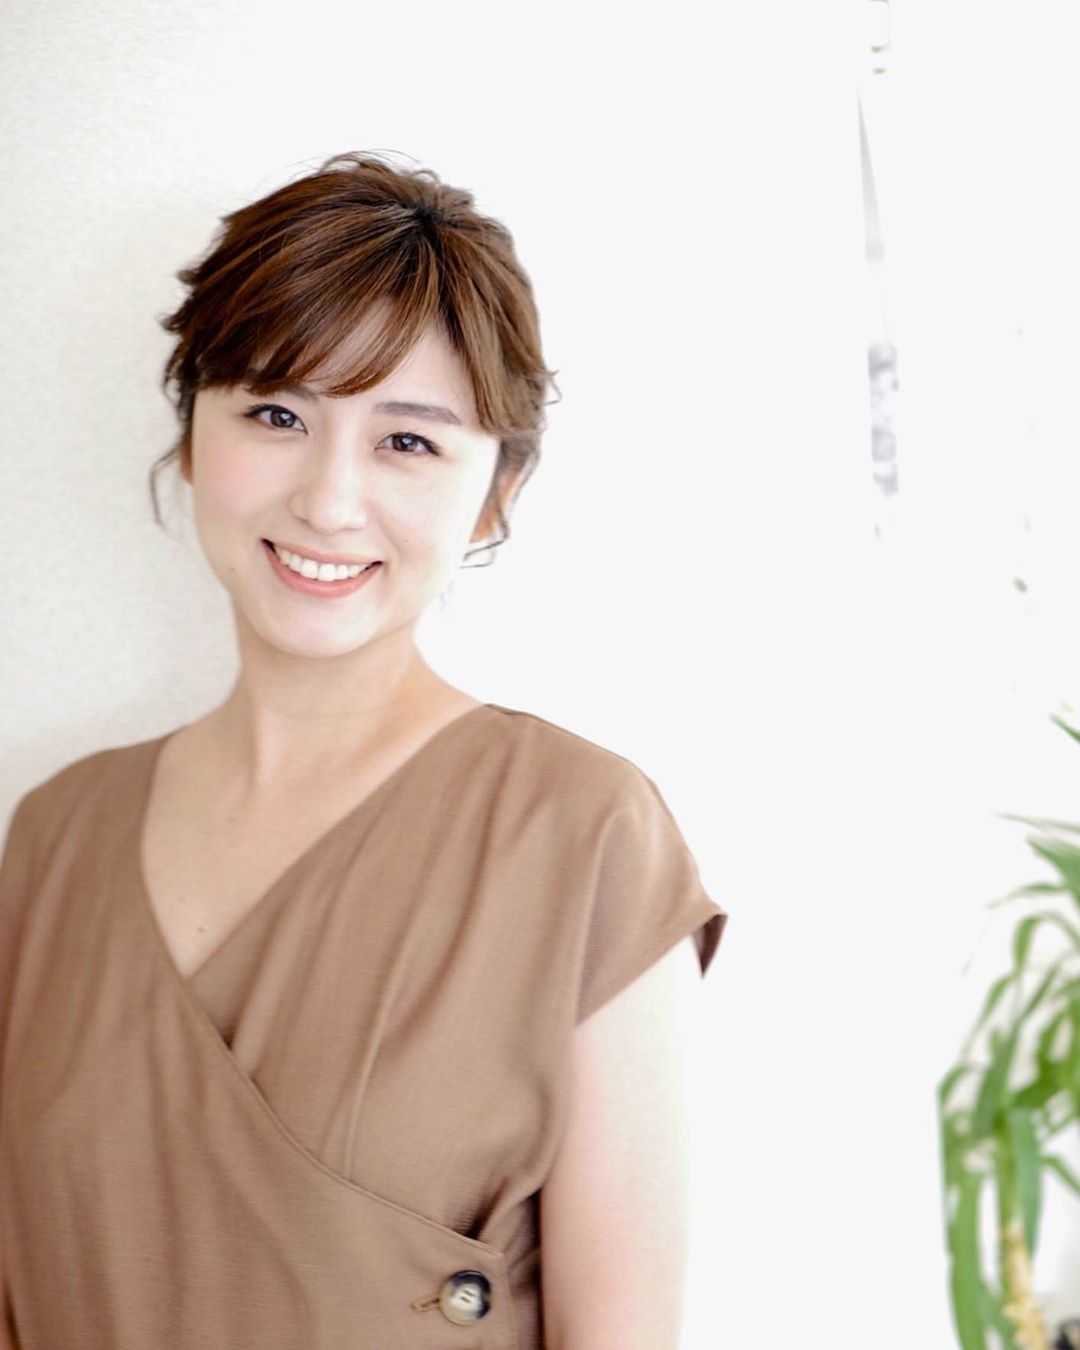 Natsumi OgiyamaさんはInstagramを利用しています:「宇賀なつみちゃん ...